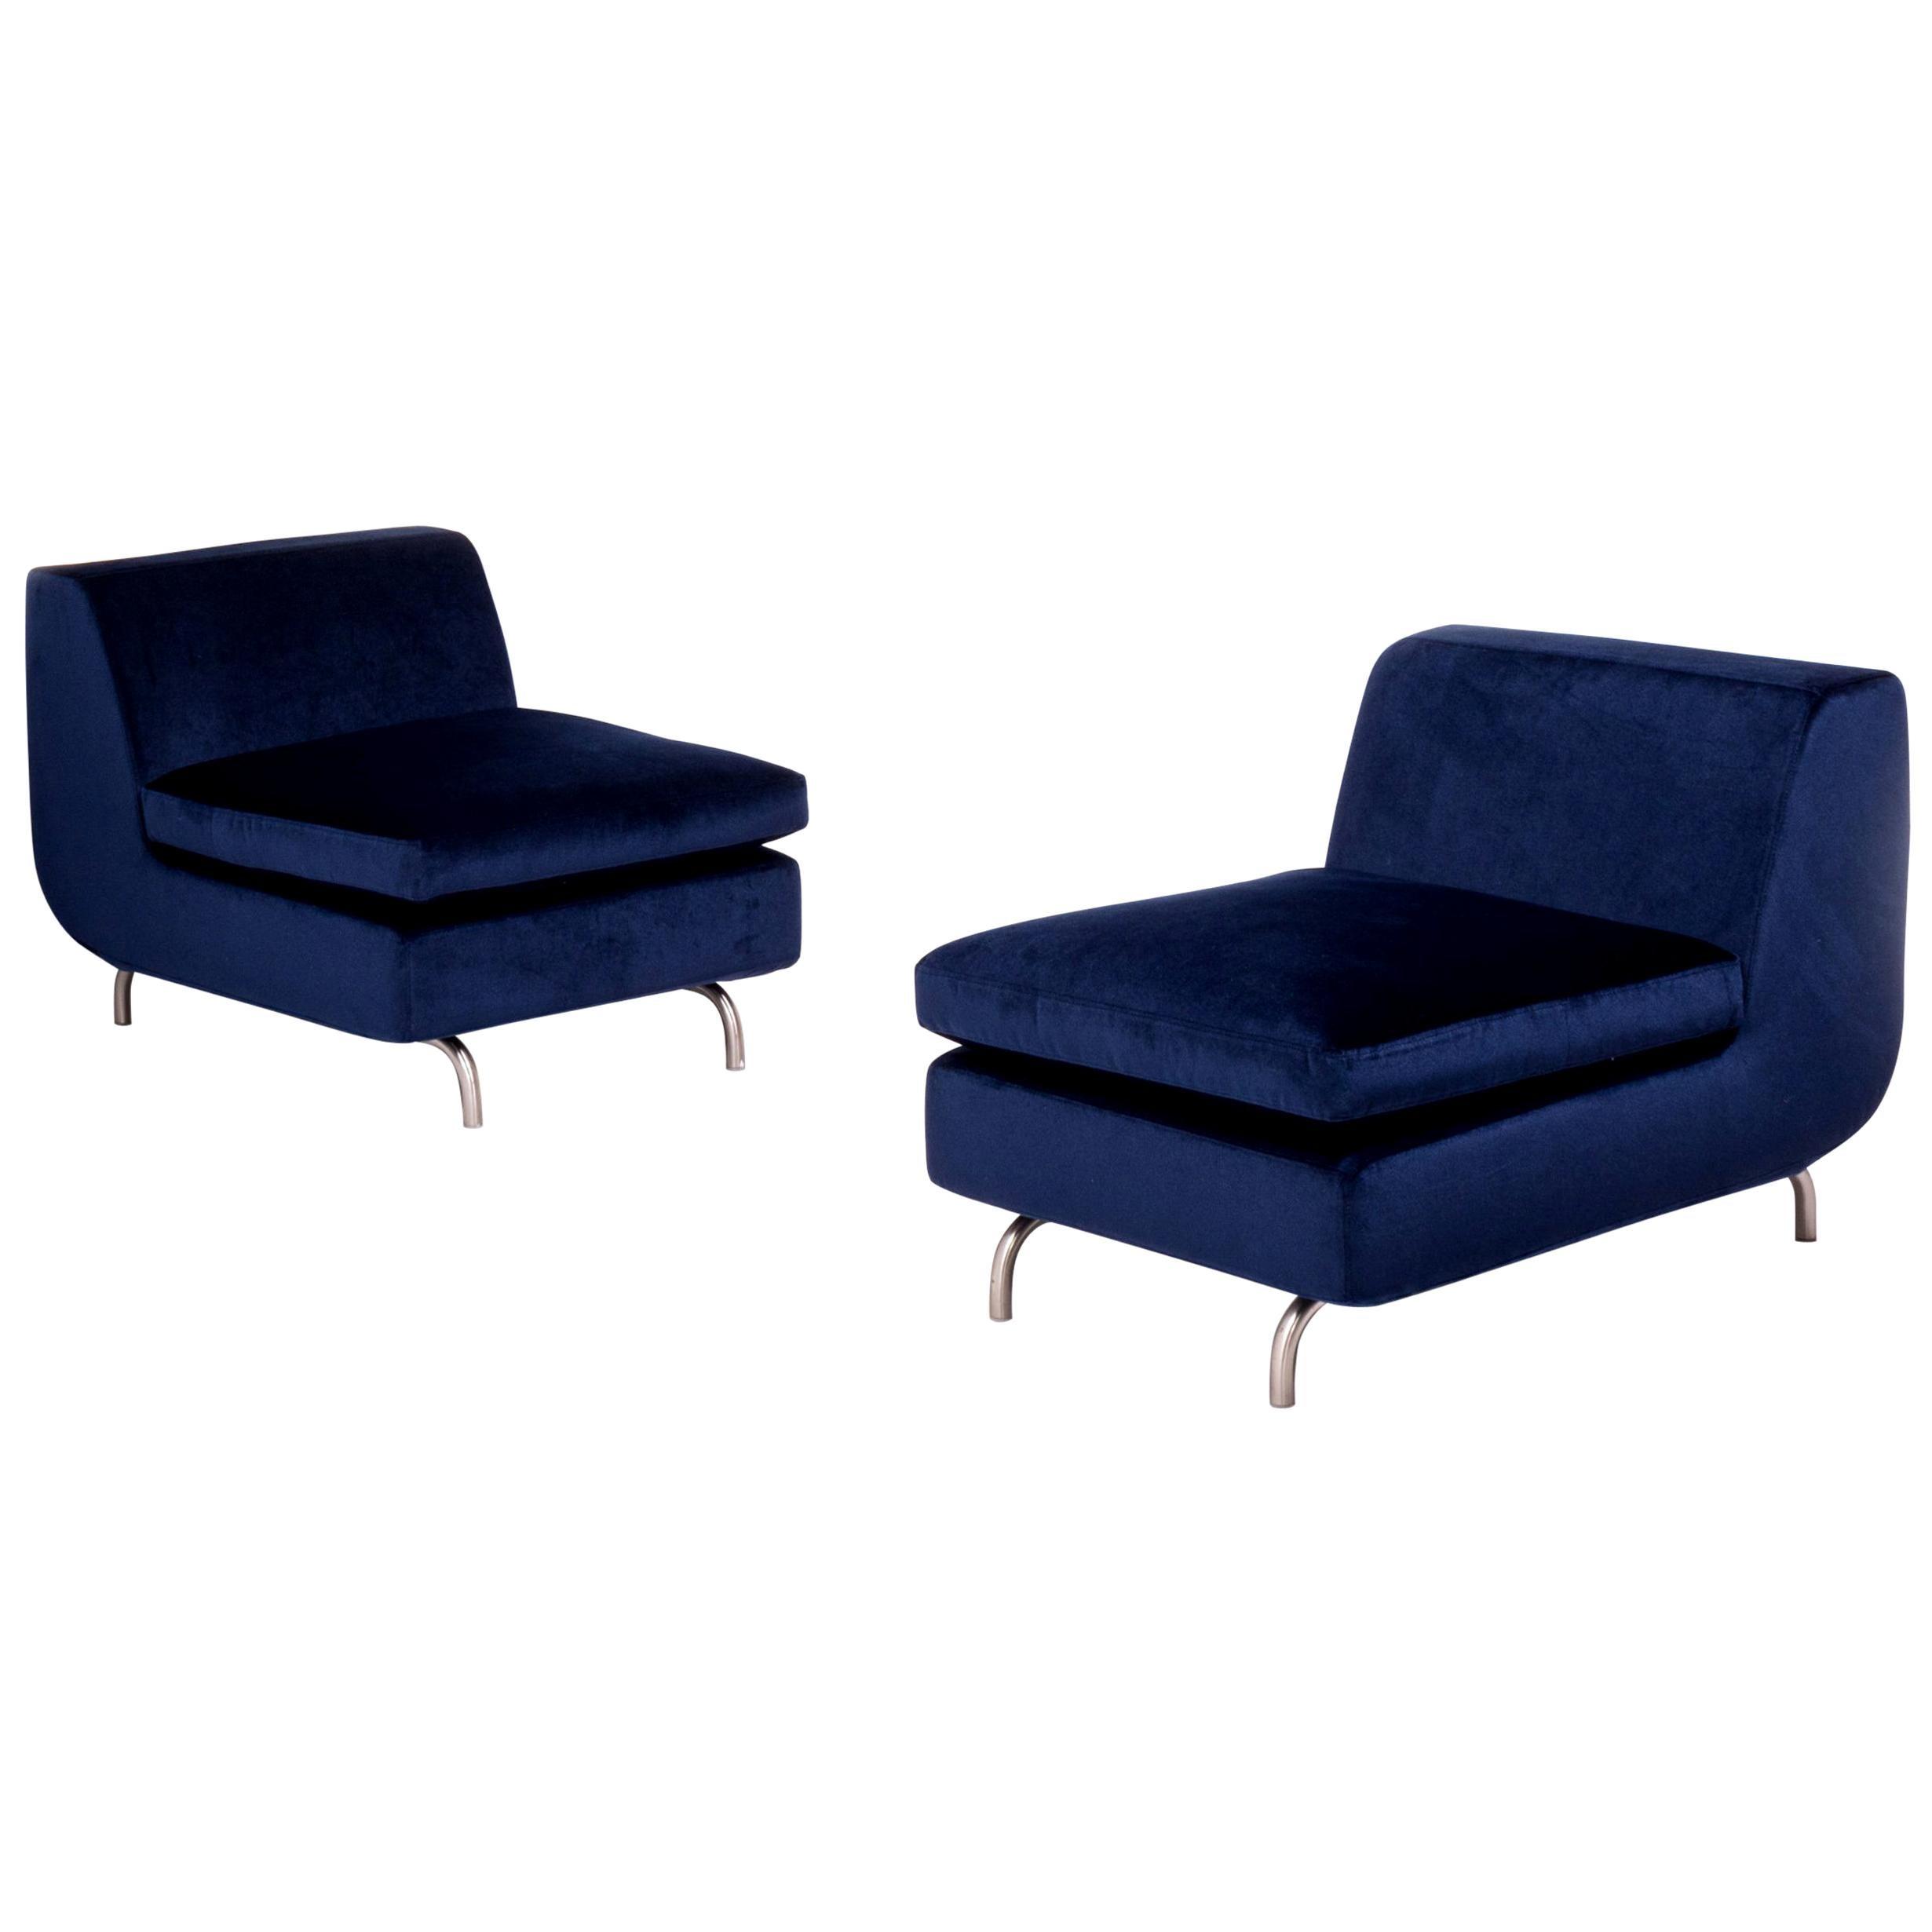 Minotti by Rodolfo Dordoni Dubuffet Navy Blue Lounge Chairs, Set of 2